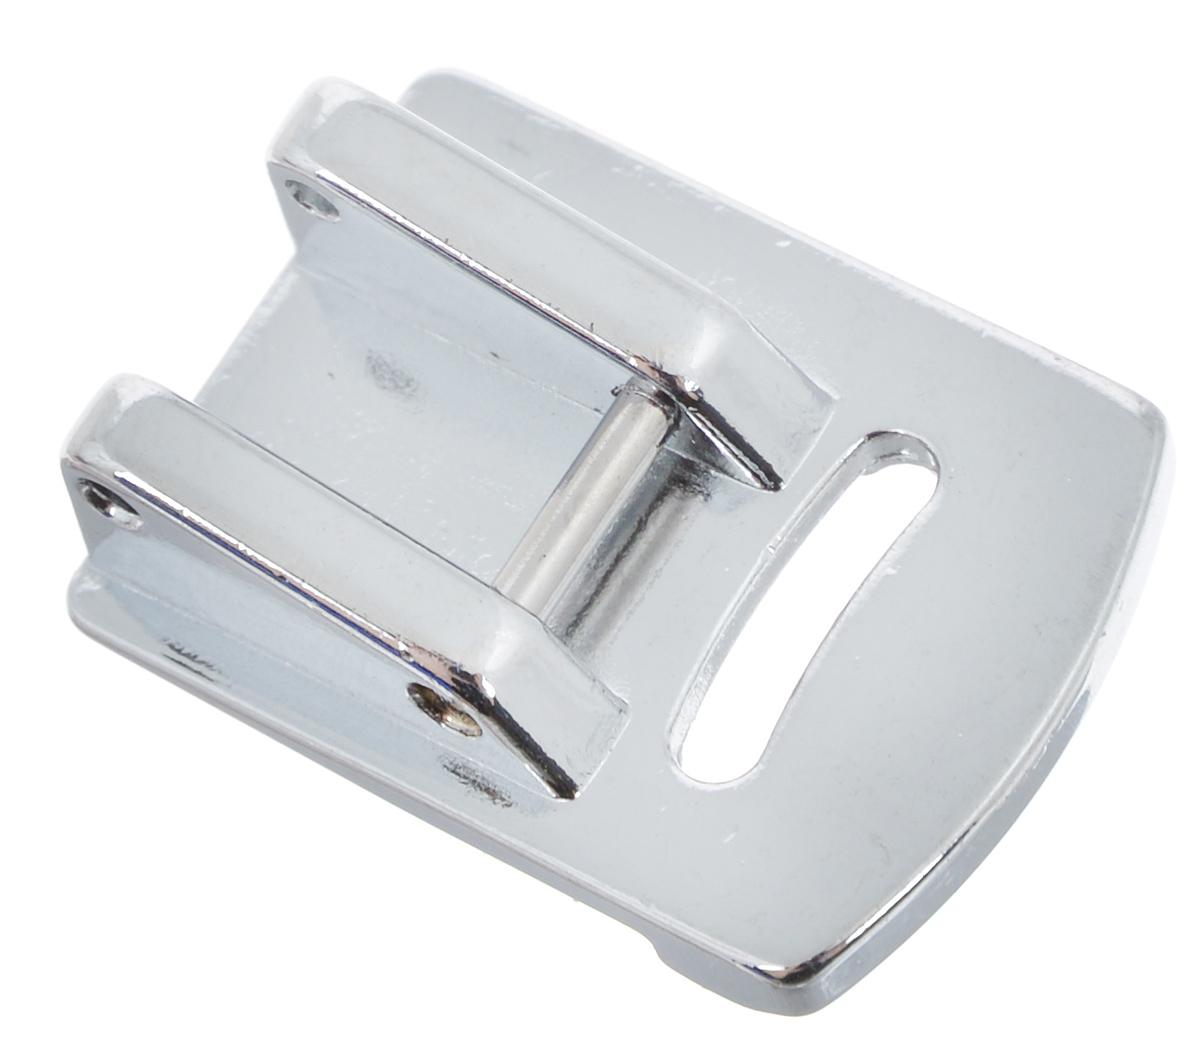 Лапка для швейной машины Aurora, для присбаривания (посадки)фильтры д/кофе 4/40Лапка для швейной машины Aurora предназначена для создания мягкой сборки на тонких тканях. Цельнометаллическая лапка с бортиком на подошве позволяет сделать мягкую сборку на очень тонких и эластичных материалах. Вам не придется закладывать сборку вручную или делать это в несколько этапов: прошить прямую строчку, а потом, аккуратно подтягивая за кончики нитей, формировать сборку. Вы добьетесь красивой и качественной сборки за одну операцию без усилий. Подходит для большинства современных бытовых швейных машин. Инструкция по использованию прилагается.